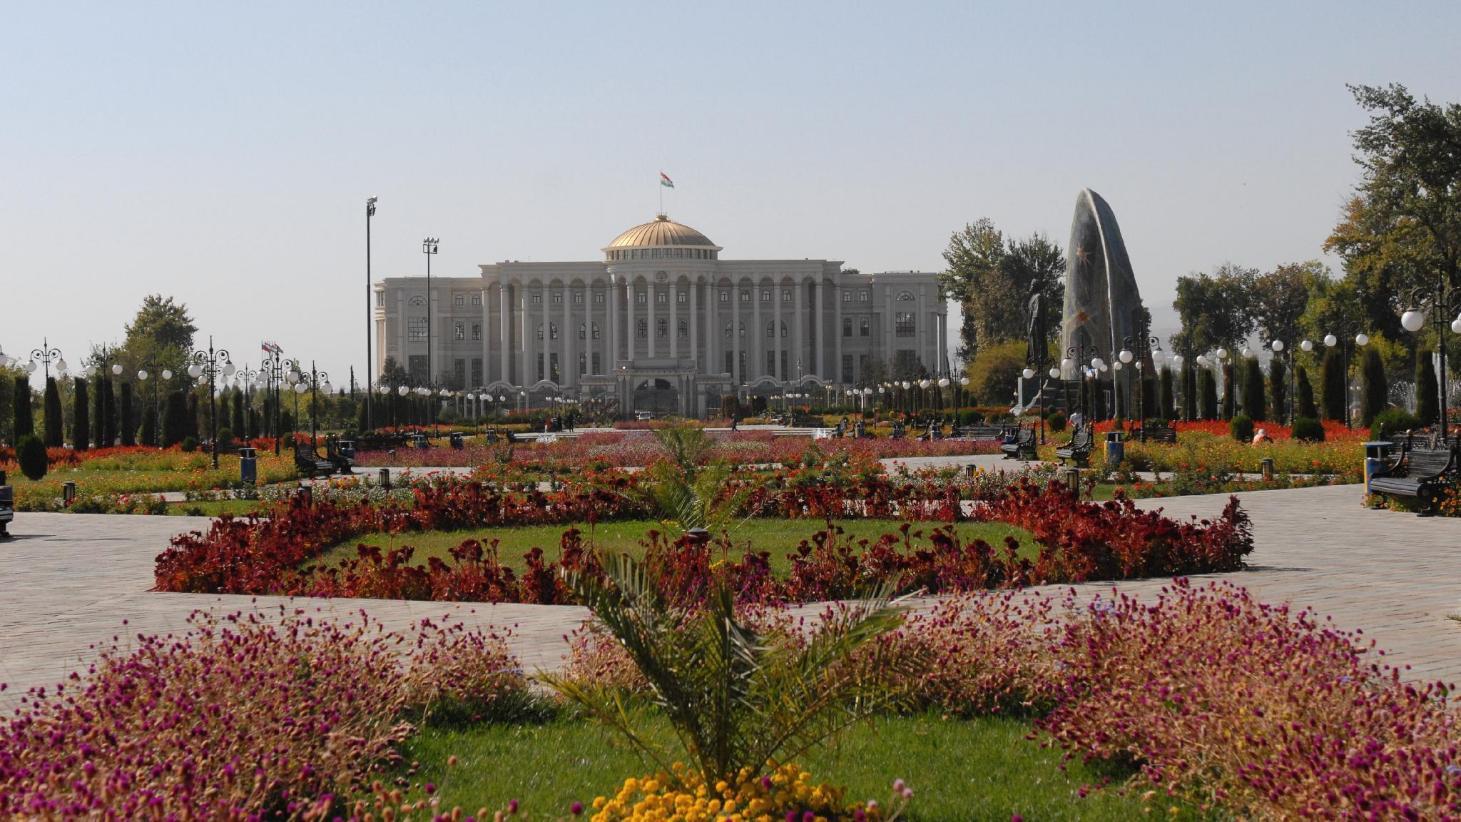 что таджикистан душанбе фрунзенский район фото даже намек сексуальность